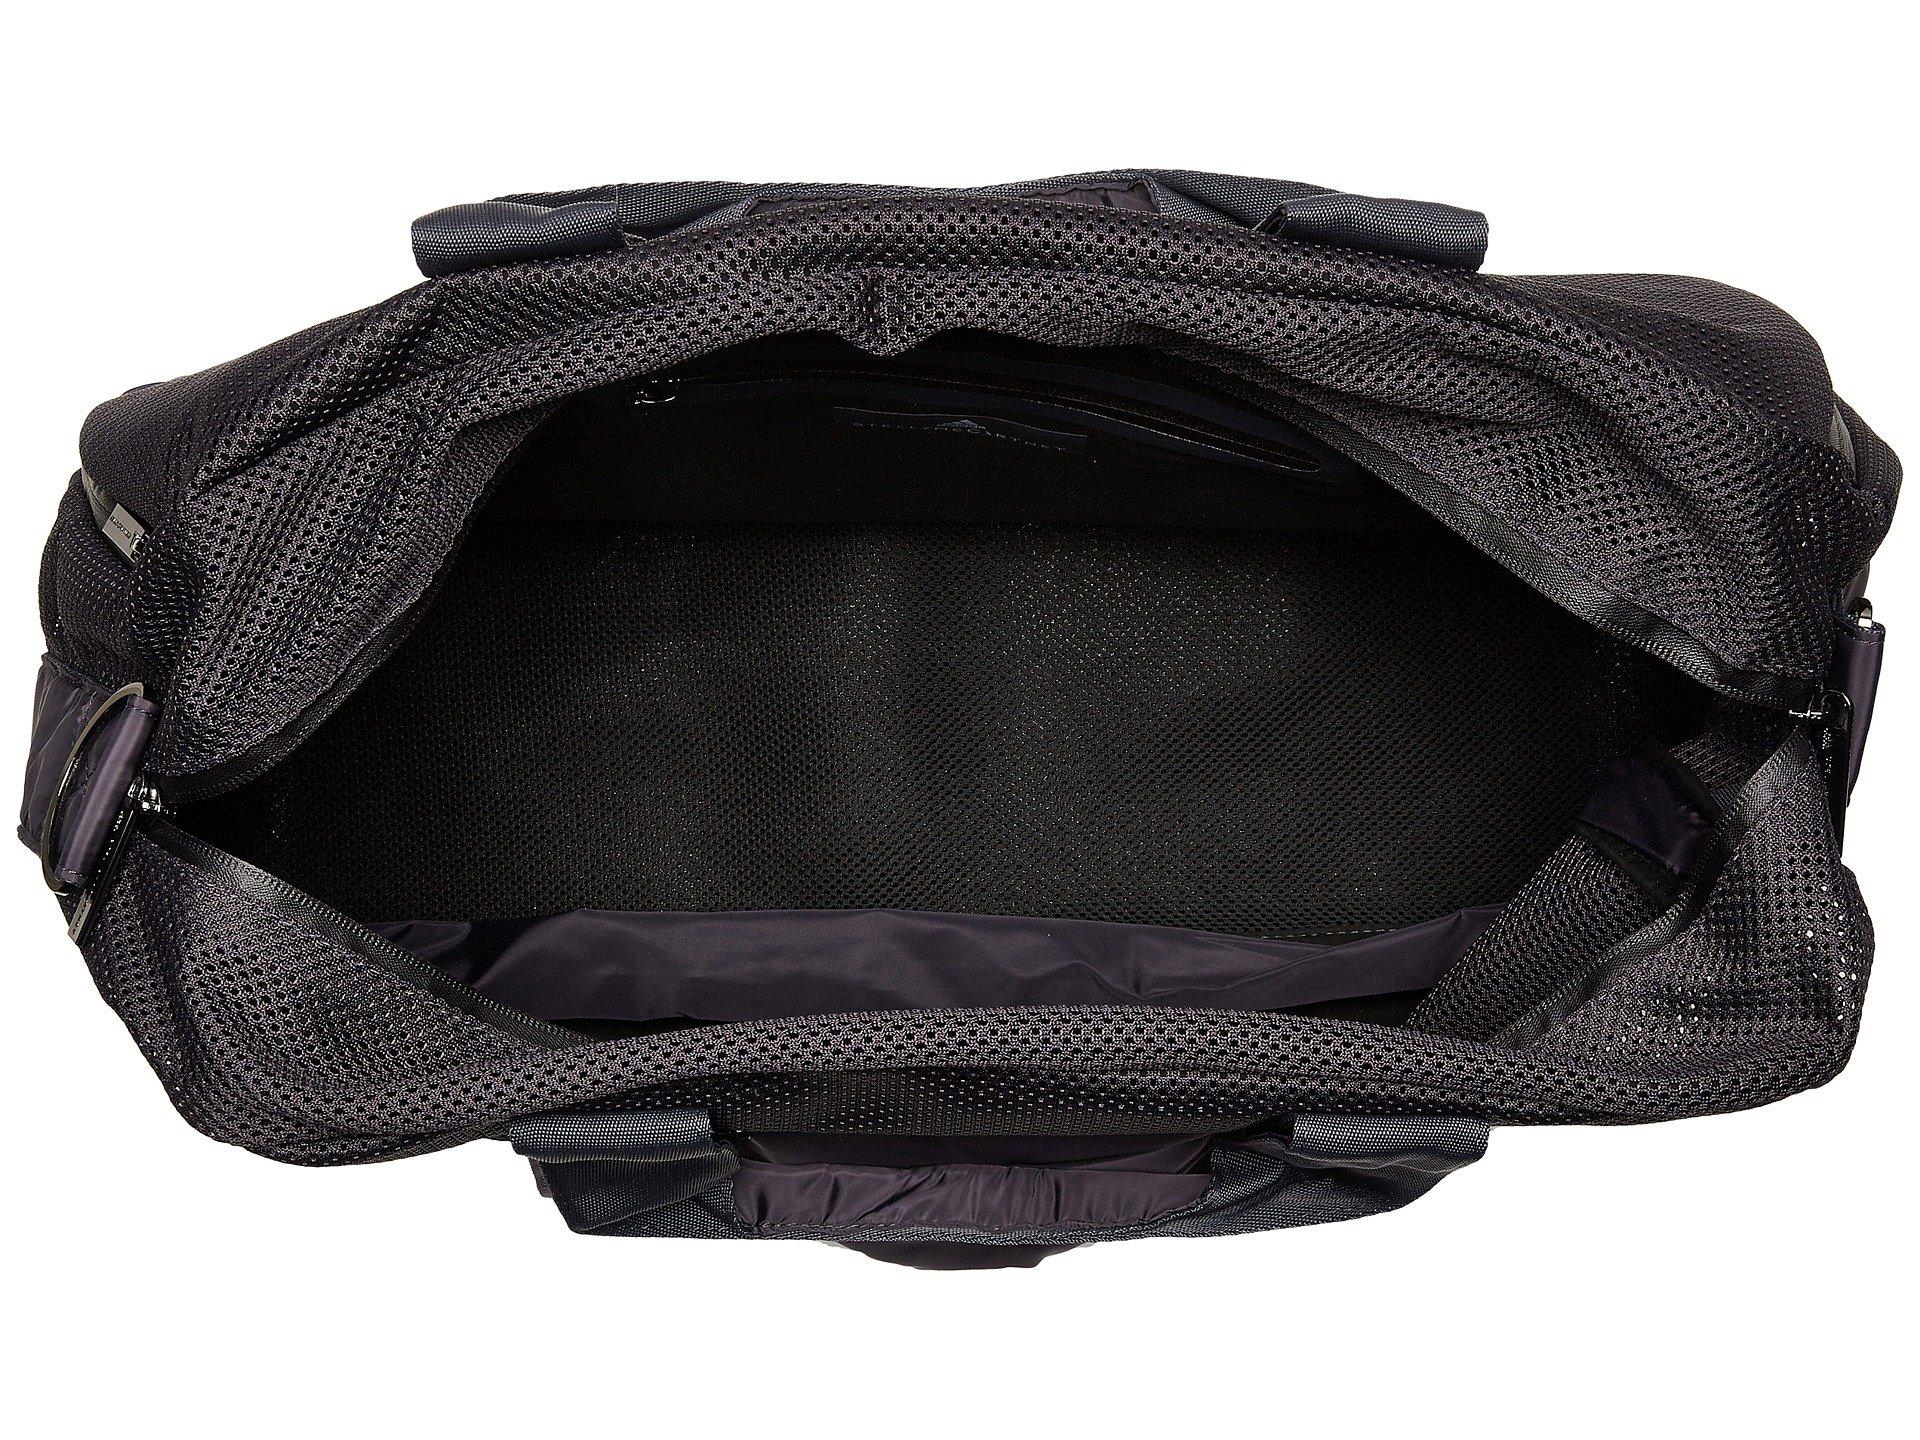 d7992003efe Adidas By Stella Mccartney Nylon Yoga Bag   ReGreen Springfield